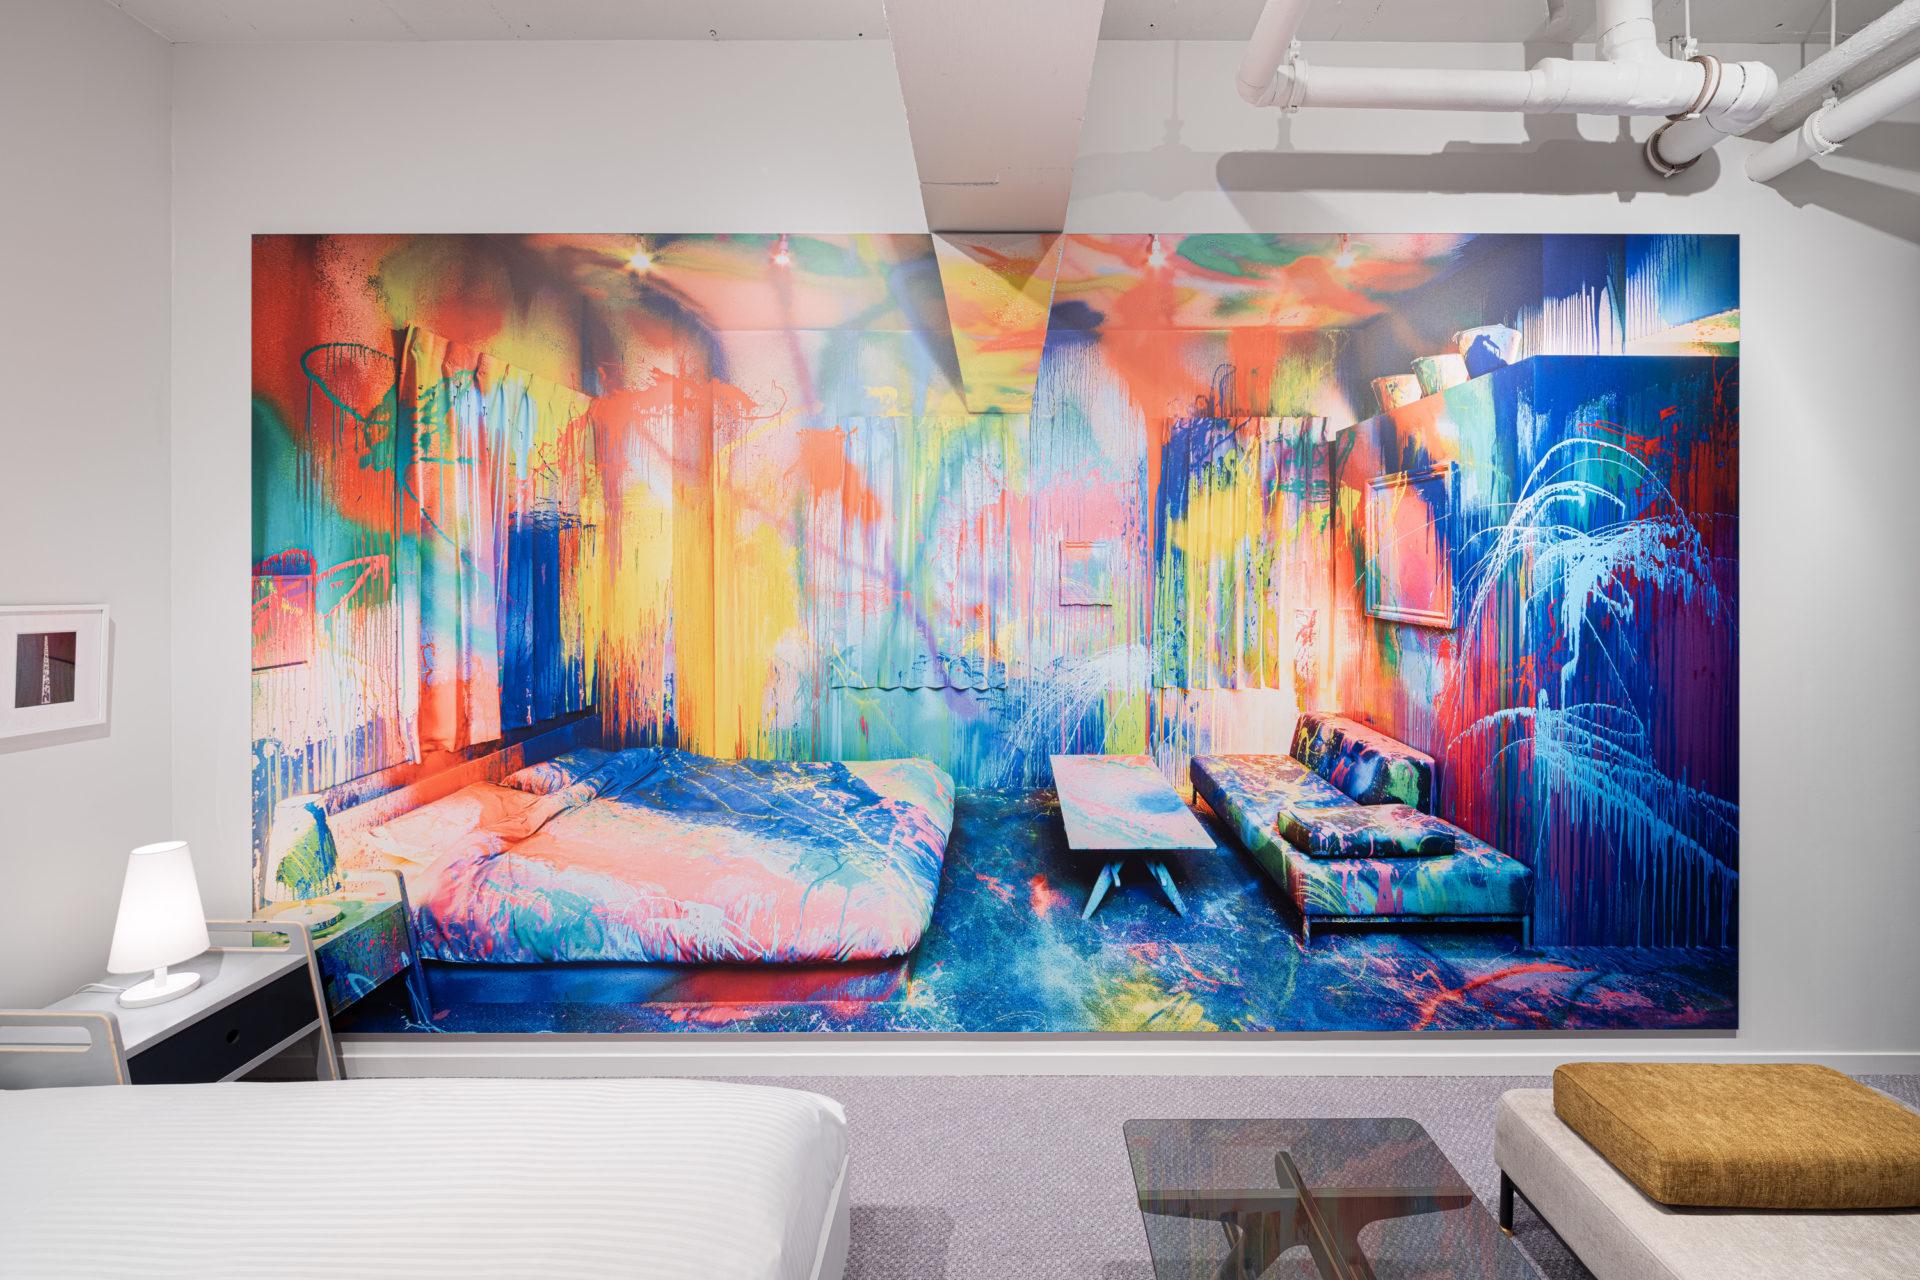 Hotel ou galeria de arte - Imagem do quarto the World After Five Minutes assinado por Youta Matsouka, no quarto os móveis e as cores são neutros e aconchegantes